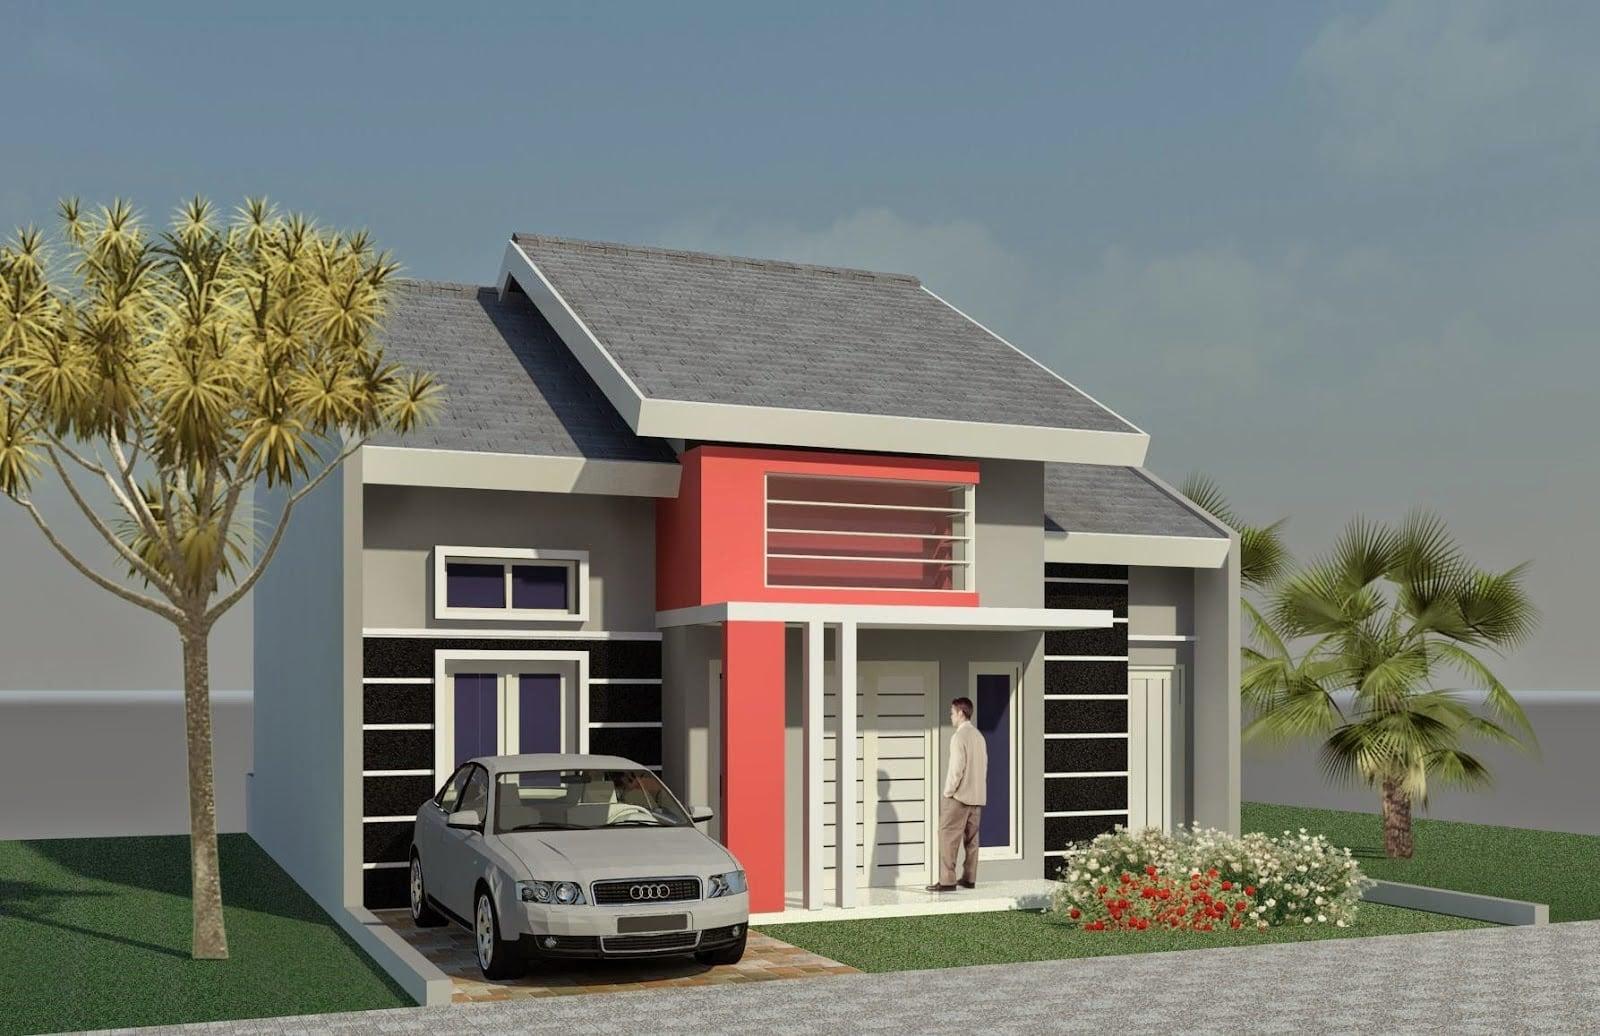 Fancy 21 Gambar Rumah Yang Belum Diwarnai 40 Di Ide Renovasi Rumah dengan 21 Gambar Rumah Yang Belum Diwarnai